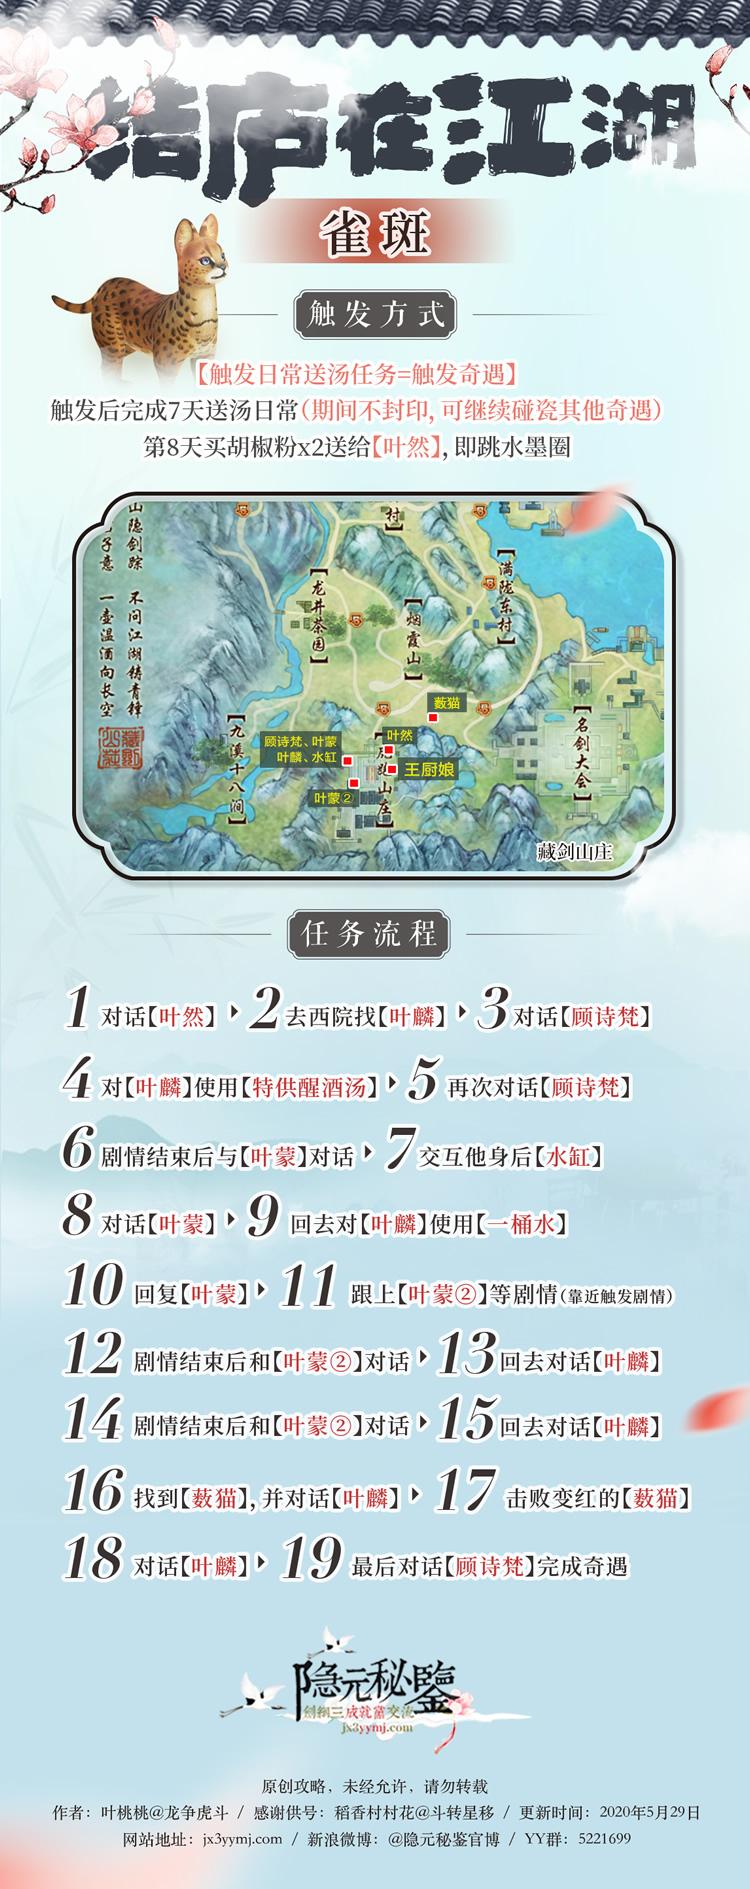 结庐在江湖-雀斑s.jpg